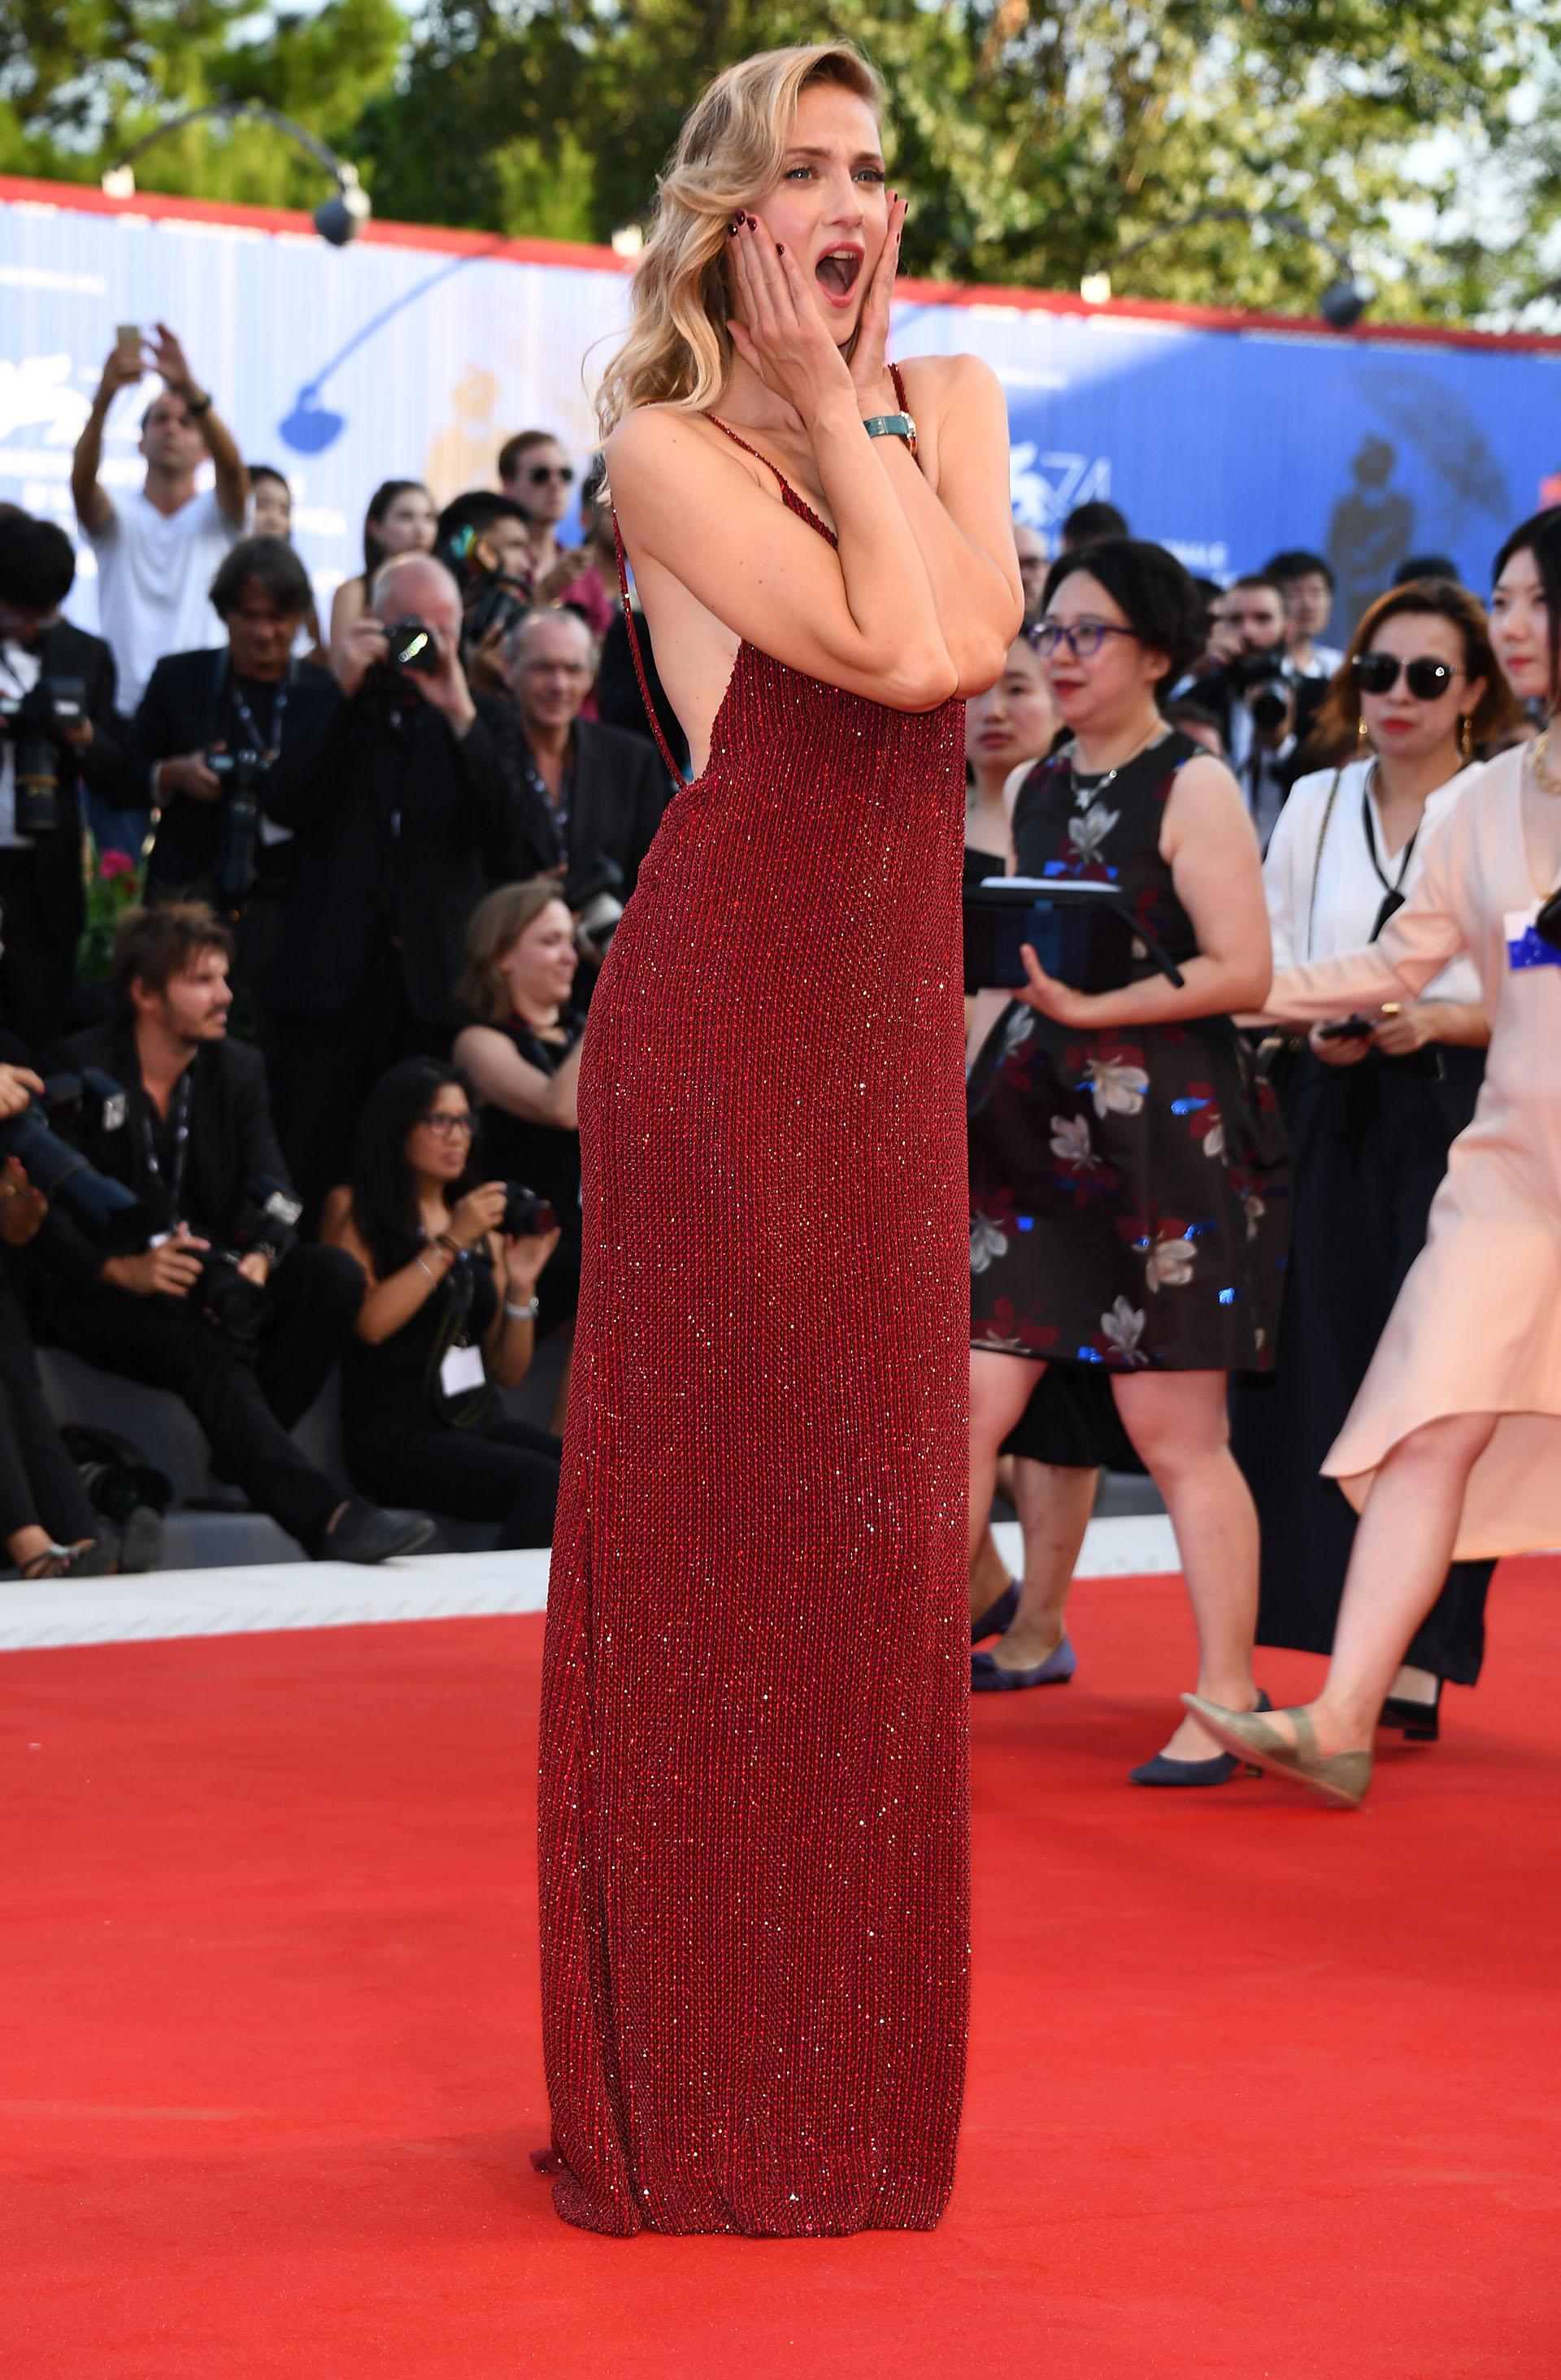 La hermosa modelo Eva Riccobon se inclinó por una estética sexy en tono bordó salpicada de lentejuelas (Pascal Le Segretain/Getty Images for Jaeger-LeCoultre)